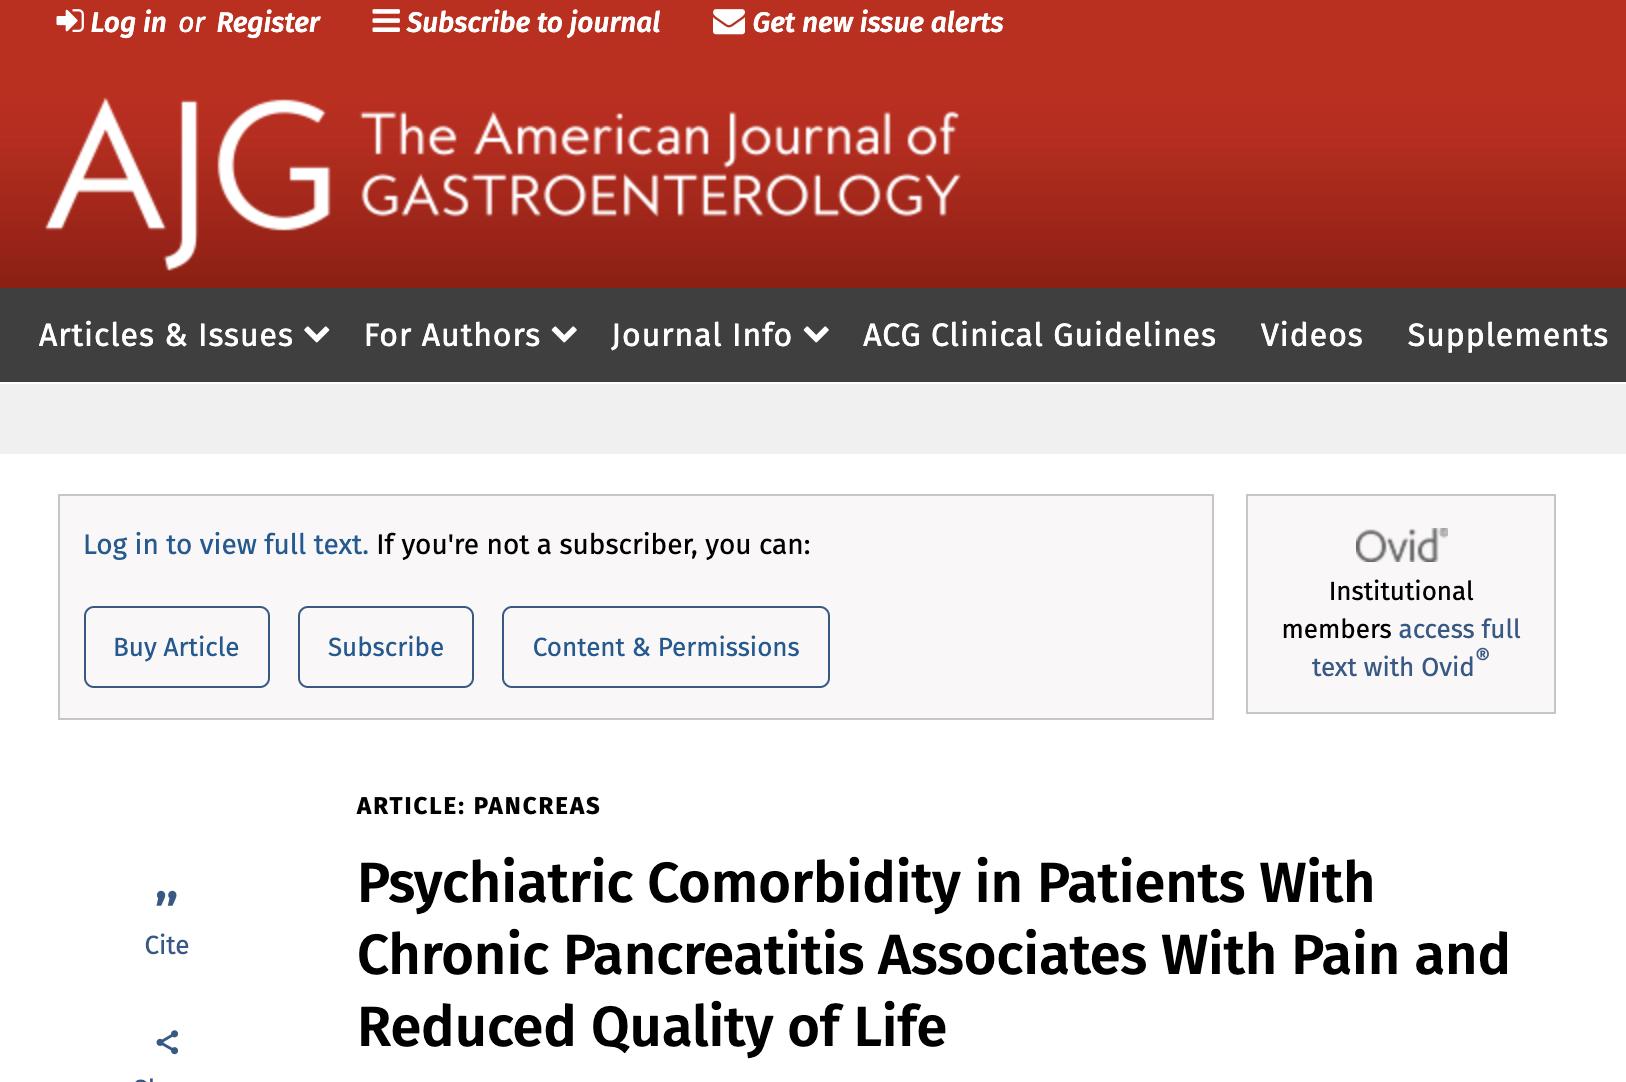 合并有精神症状的慢性胰腺炎患者其疼痛及生活质量均会明显恶化